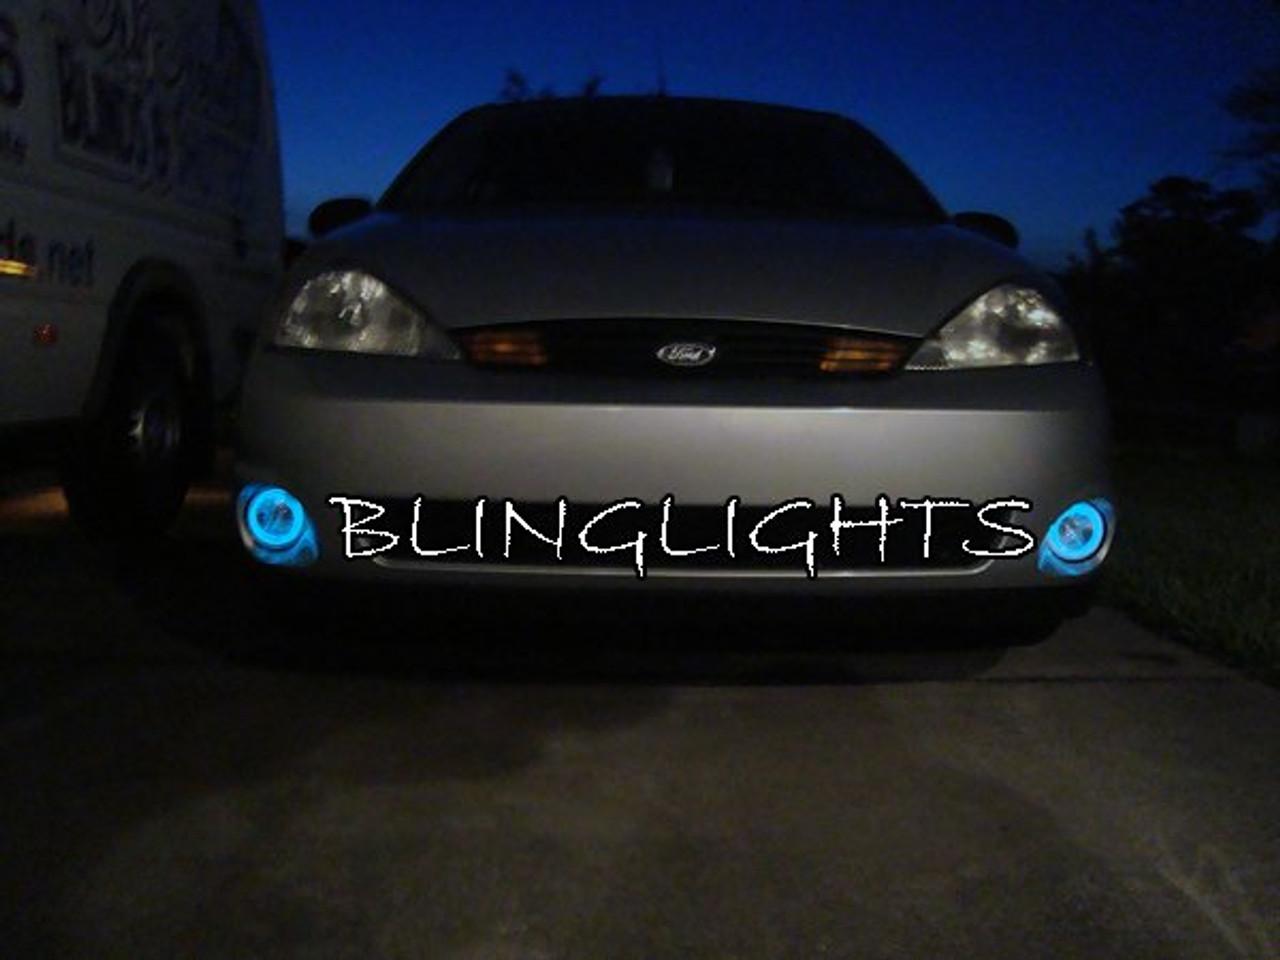 2001-2004 Ford Focus SVT mk1 Halo Fog Lamp Light Kit Angel Eye Drivinglights